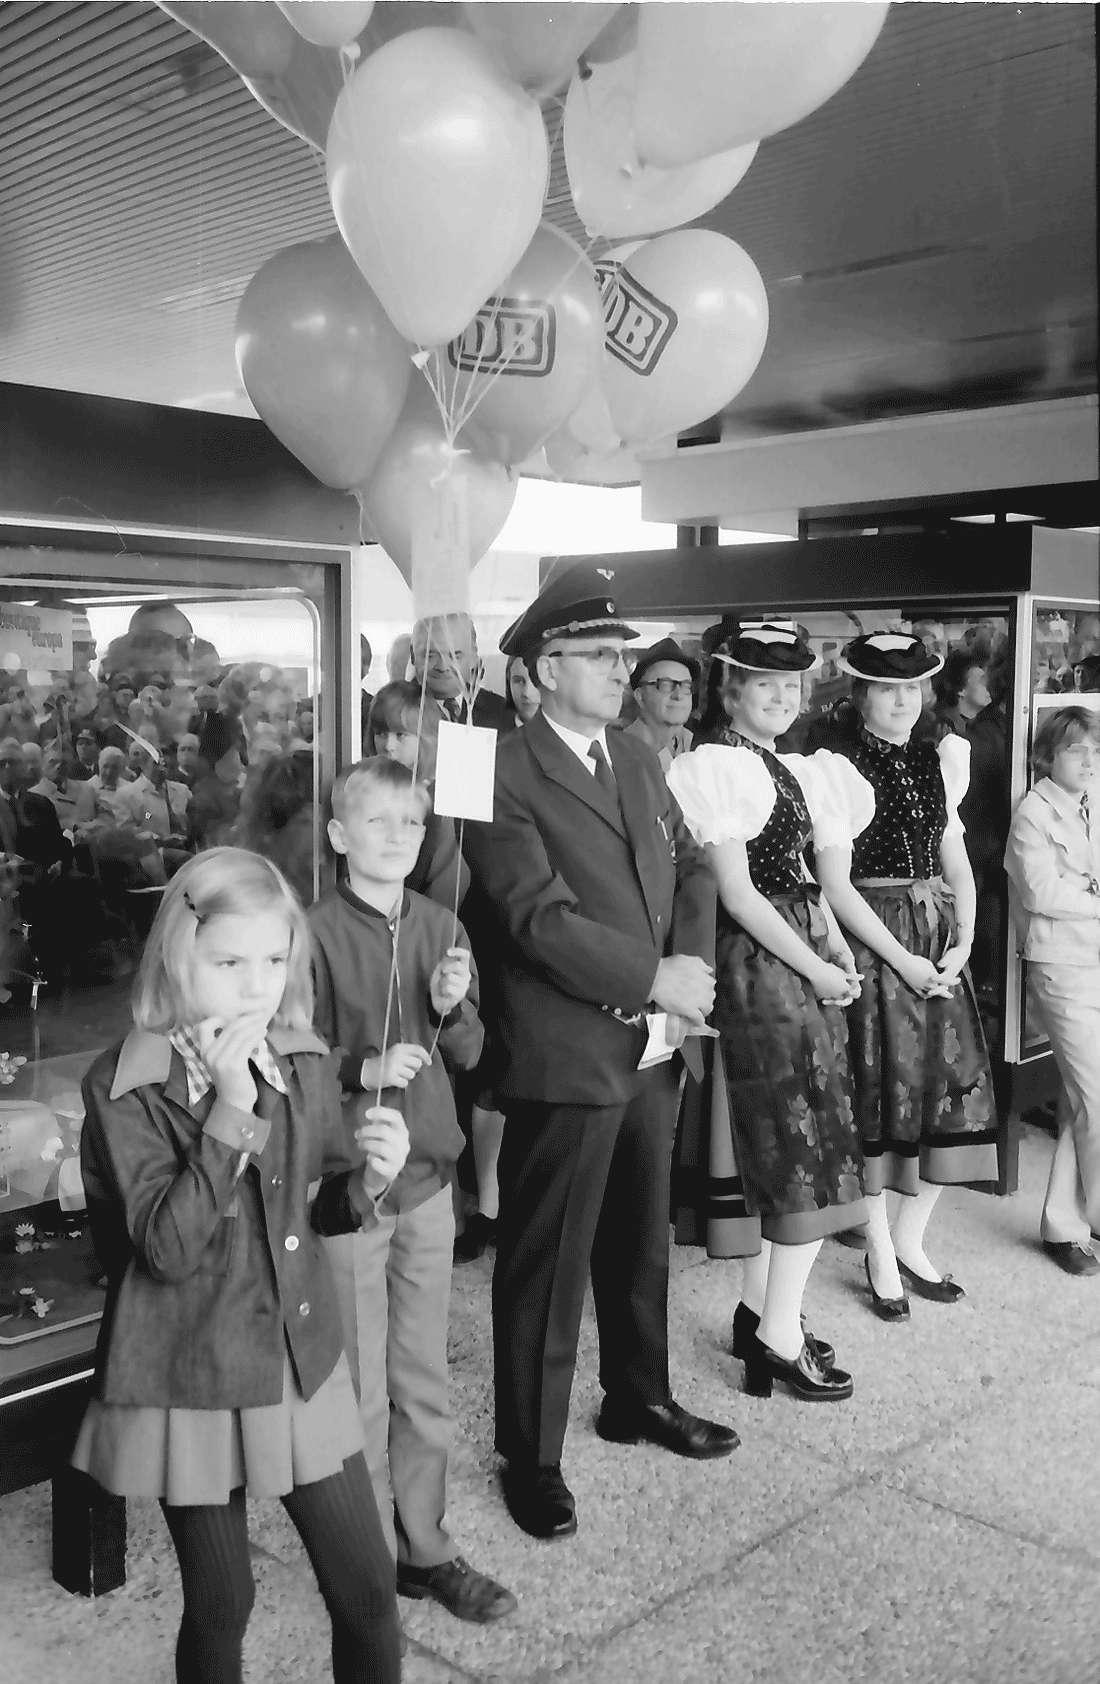 Bad Krozingen: Stationsvorsteher; Kinder mit Ballons; Trachten, Bild 2